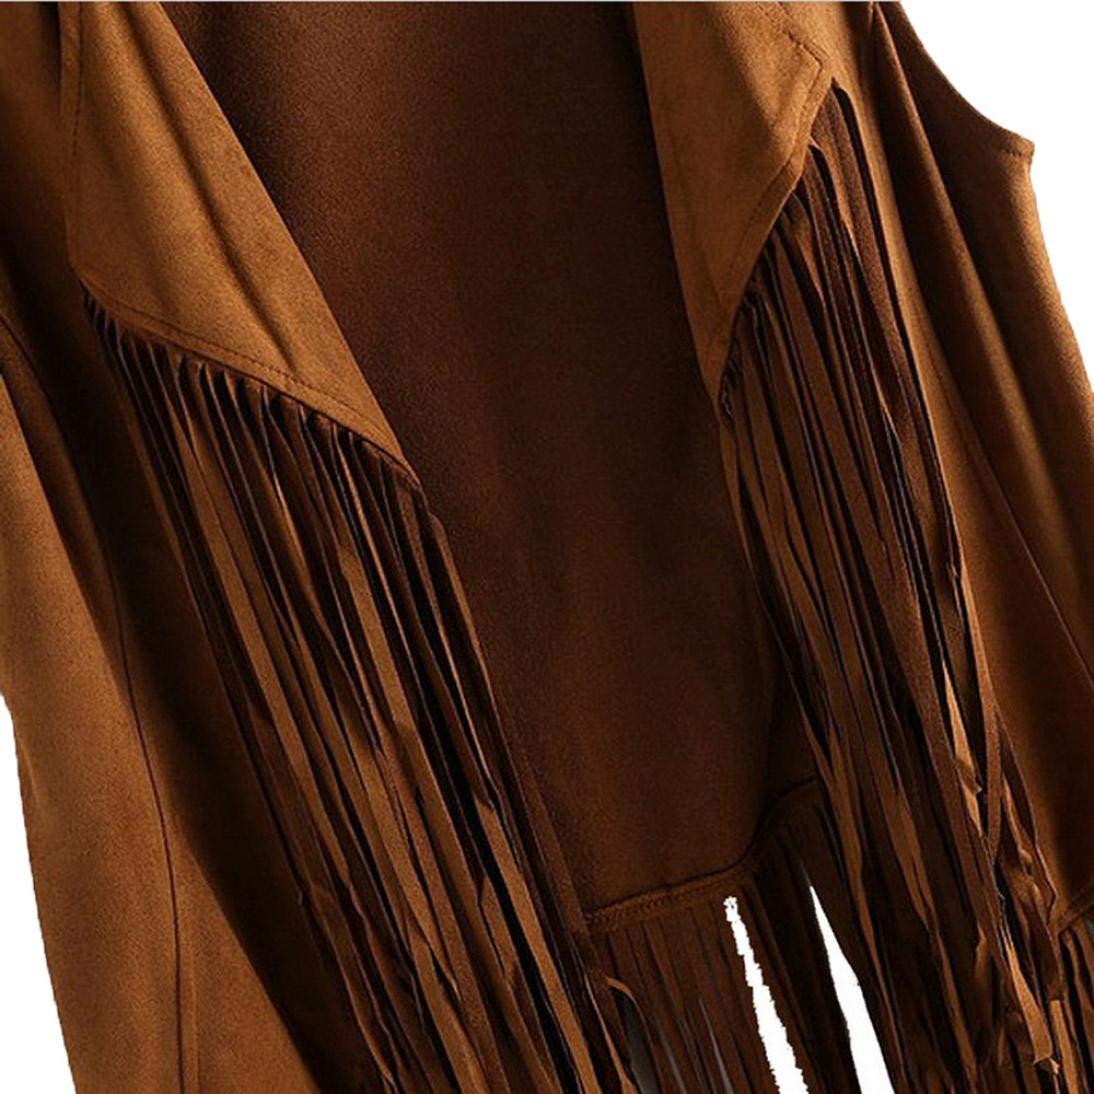 DEELIN Femmes Automne Hiver Mode Faux Daim Ethnique Style sans Manches Glands Veste À Franges Gilet Manteaux Tops Cardigan Outwear